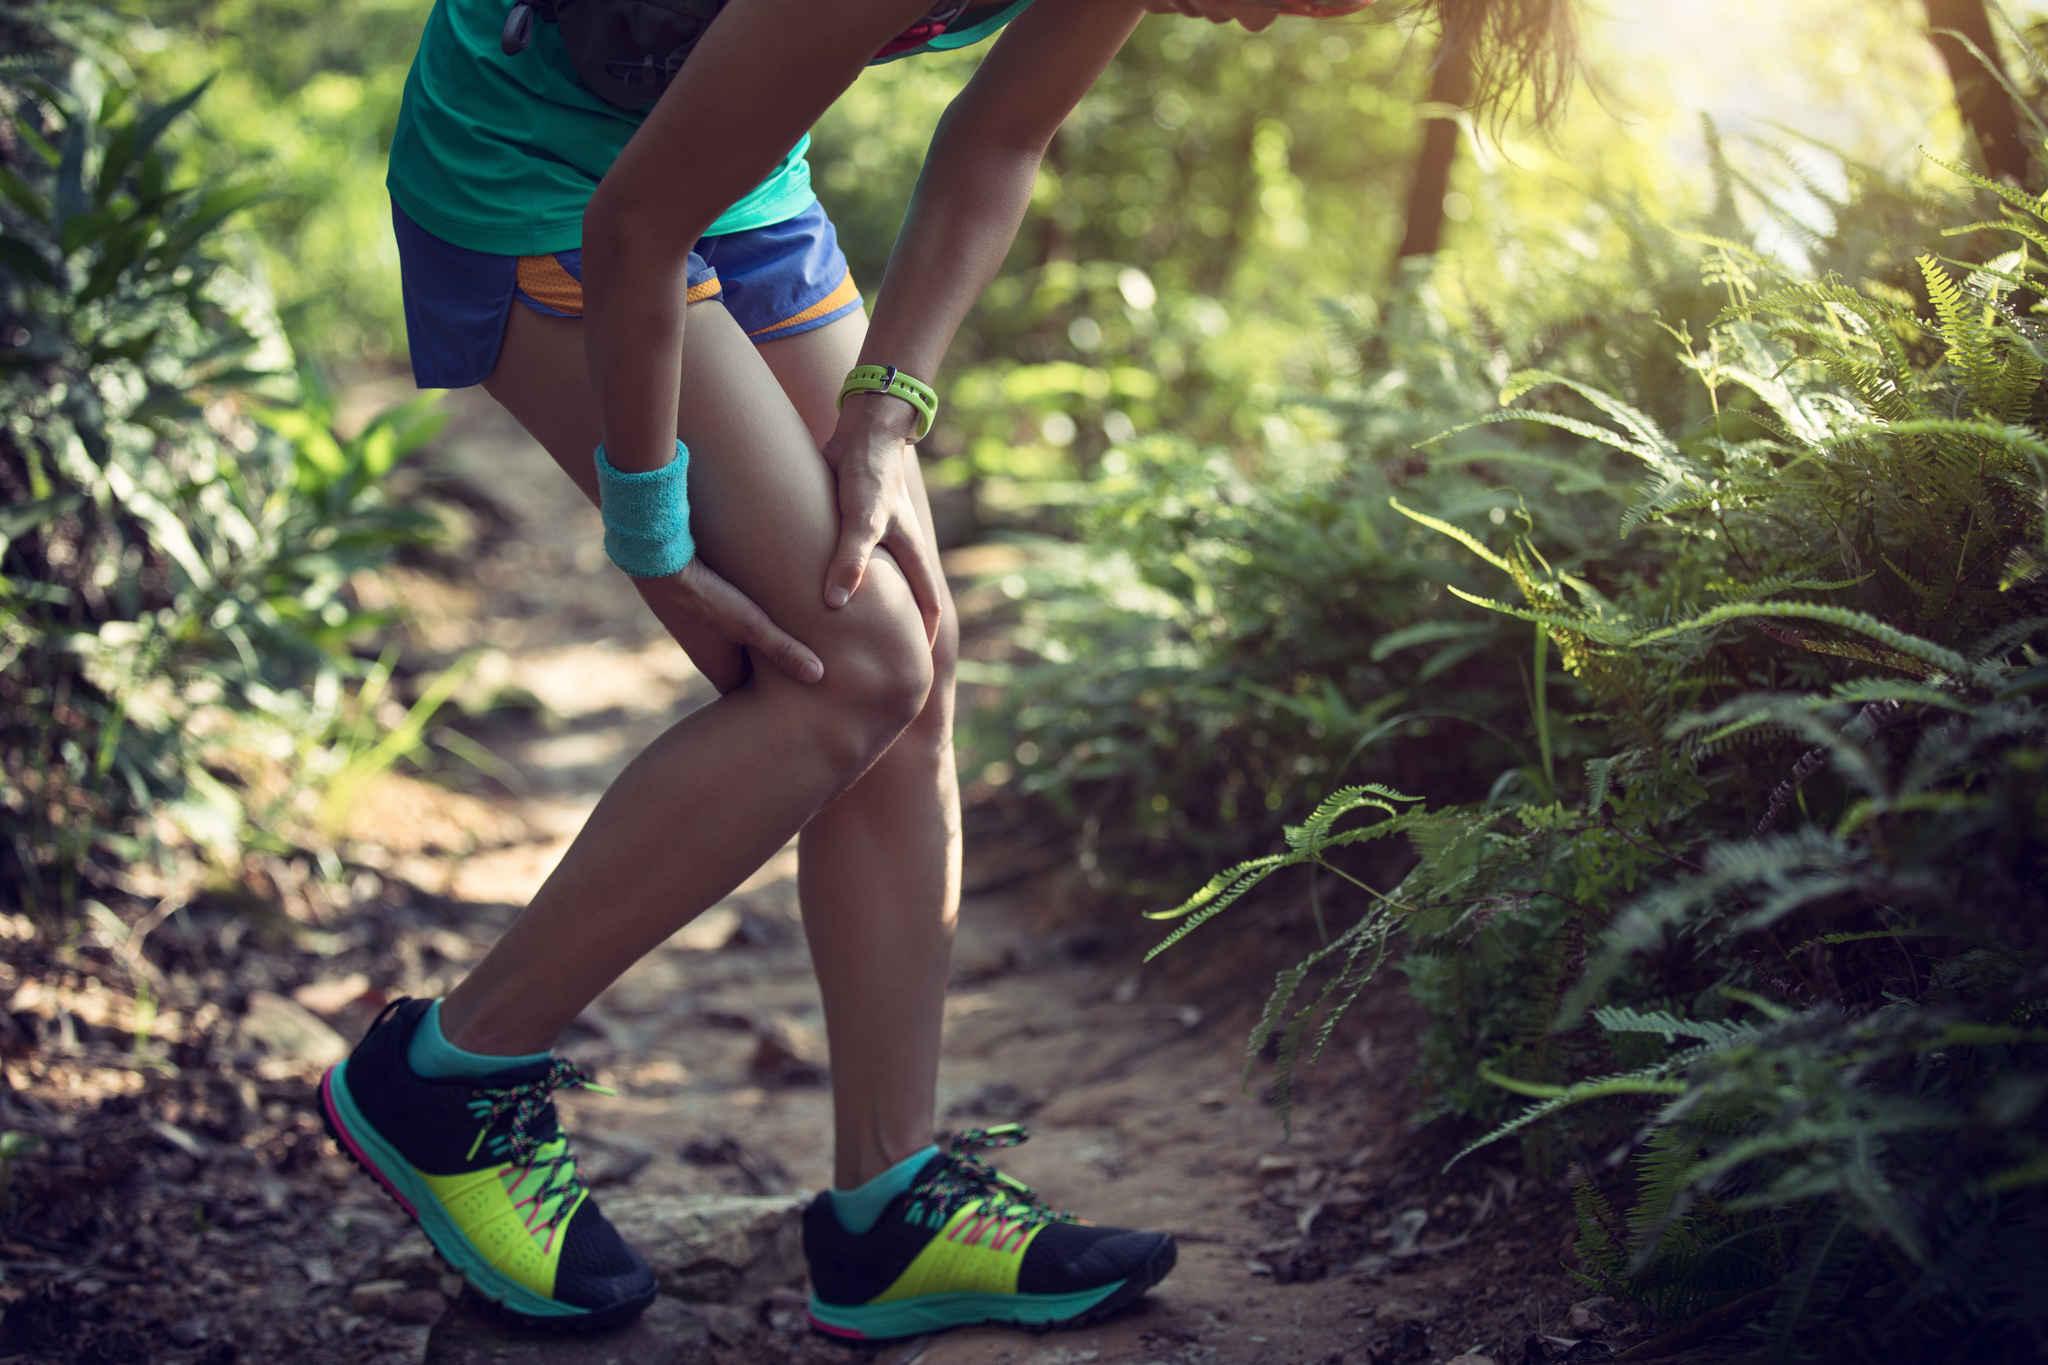 eklem ağrıları yüzünden yorulmuş sporcu, eklem ağrılarına ne iyi gelir